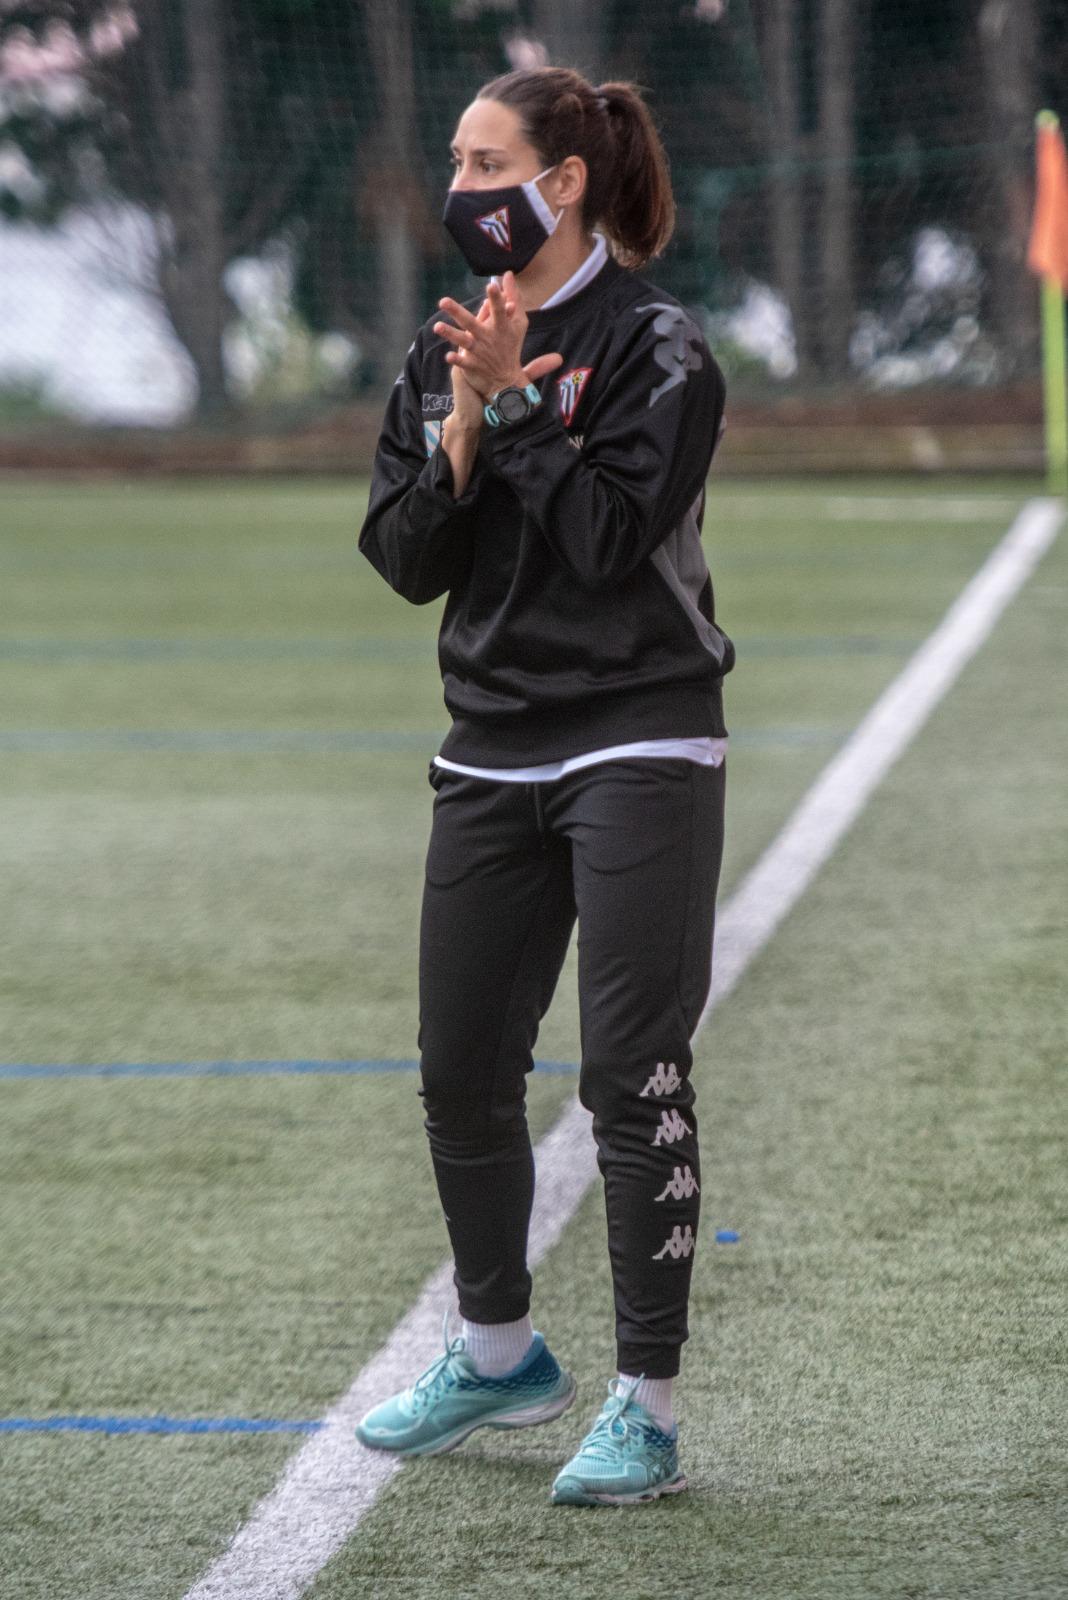 Cris Oreiro, adestradora do Victoria CF / CEDIDA